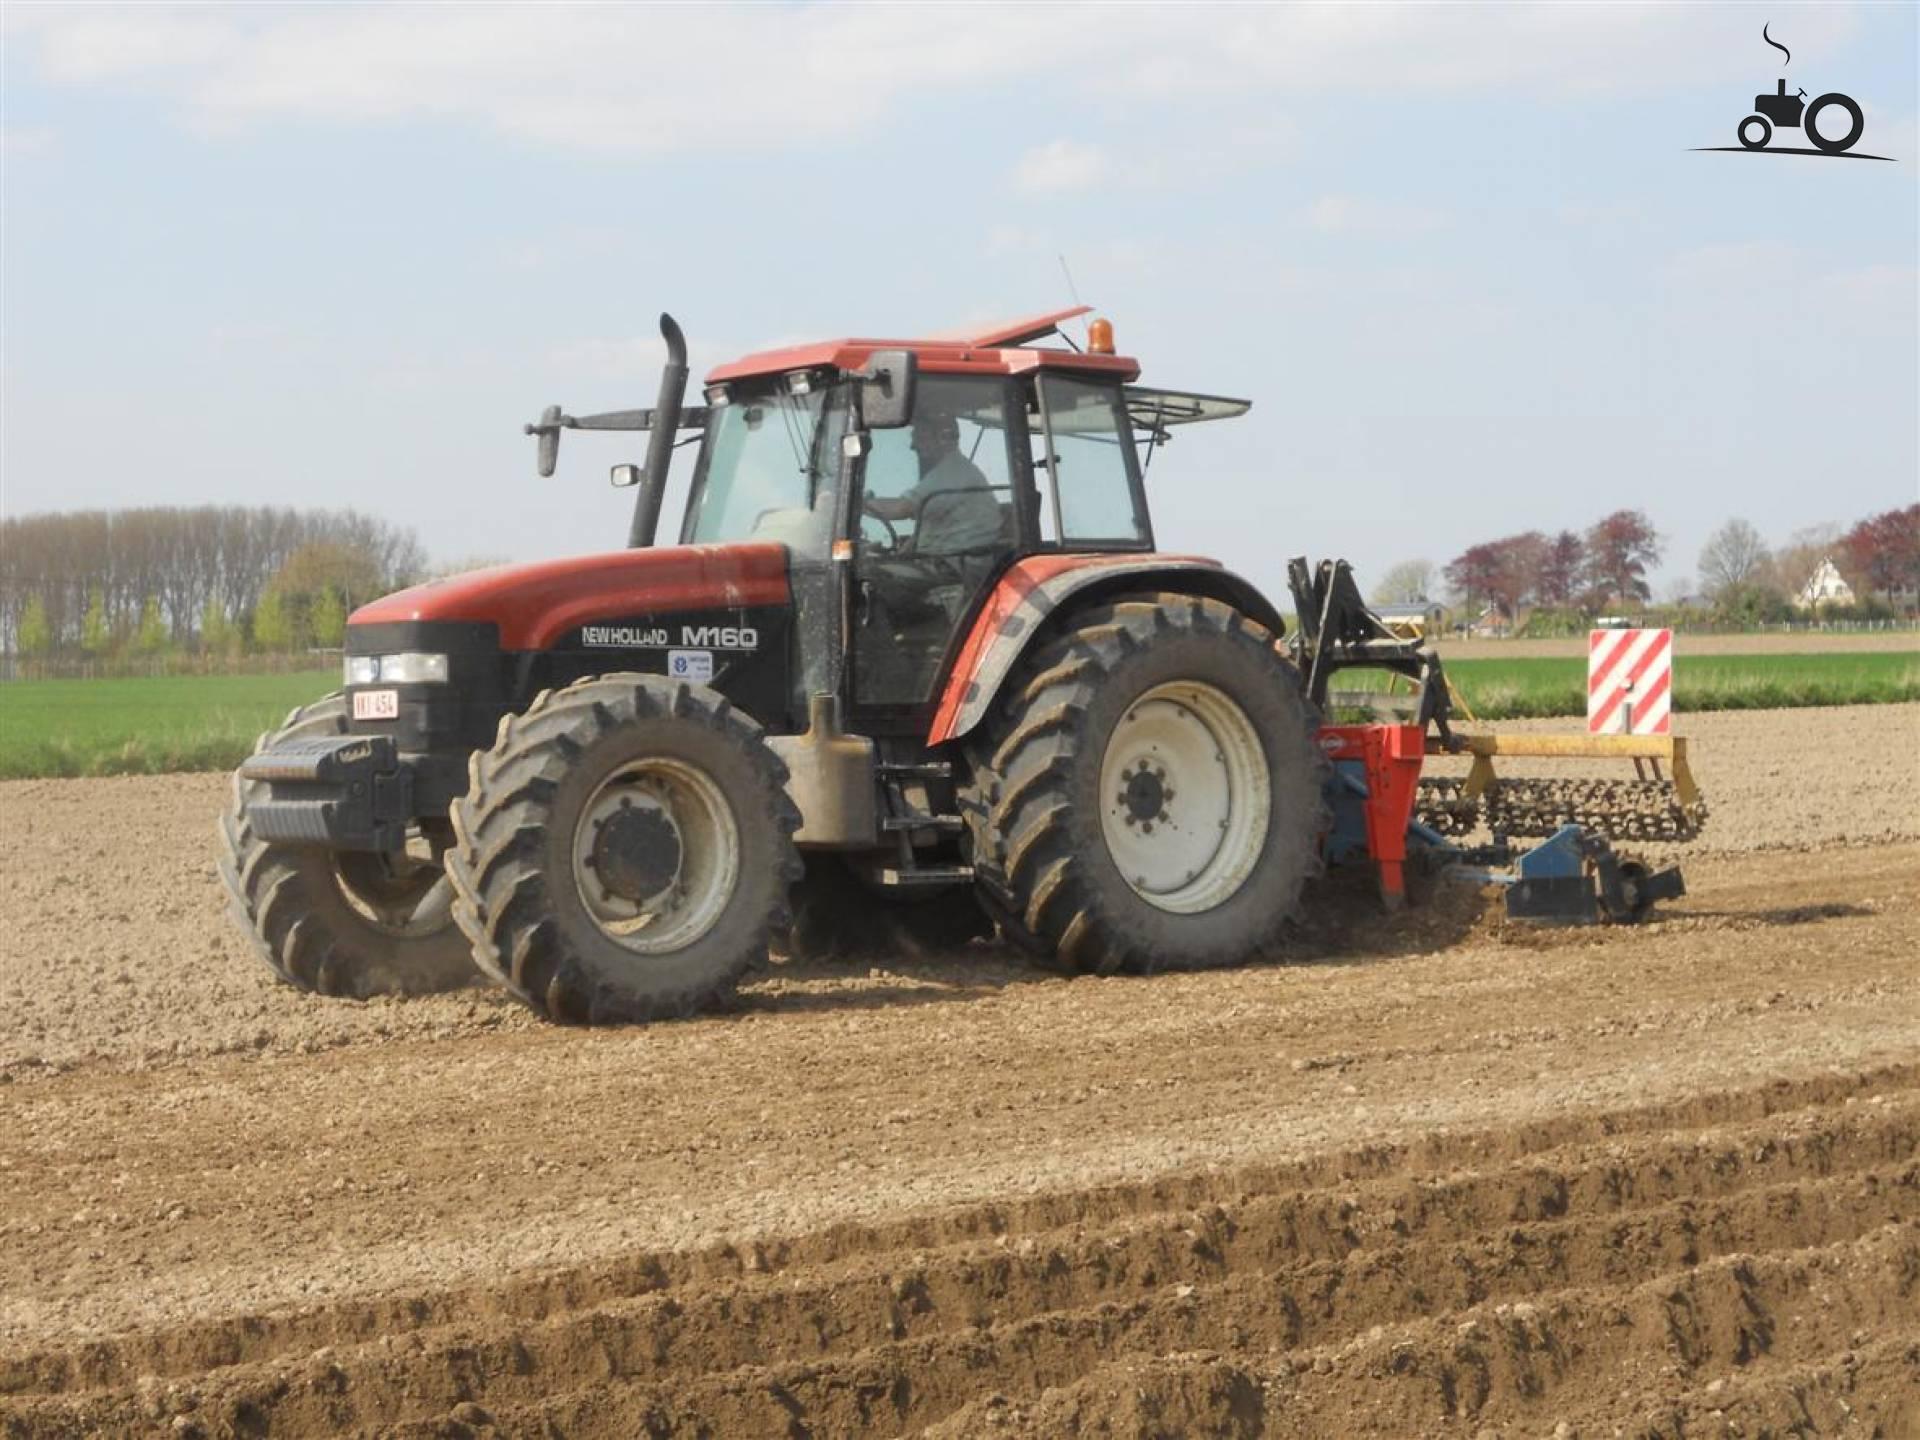 Fiat M160 Farm Tractor Fiat Farm Tractors Fiat Farm Tractors